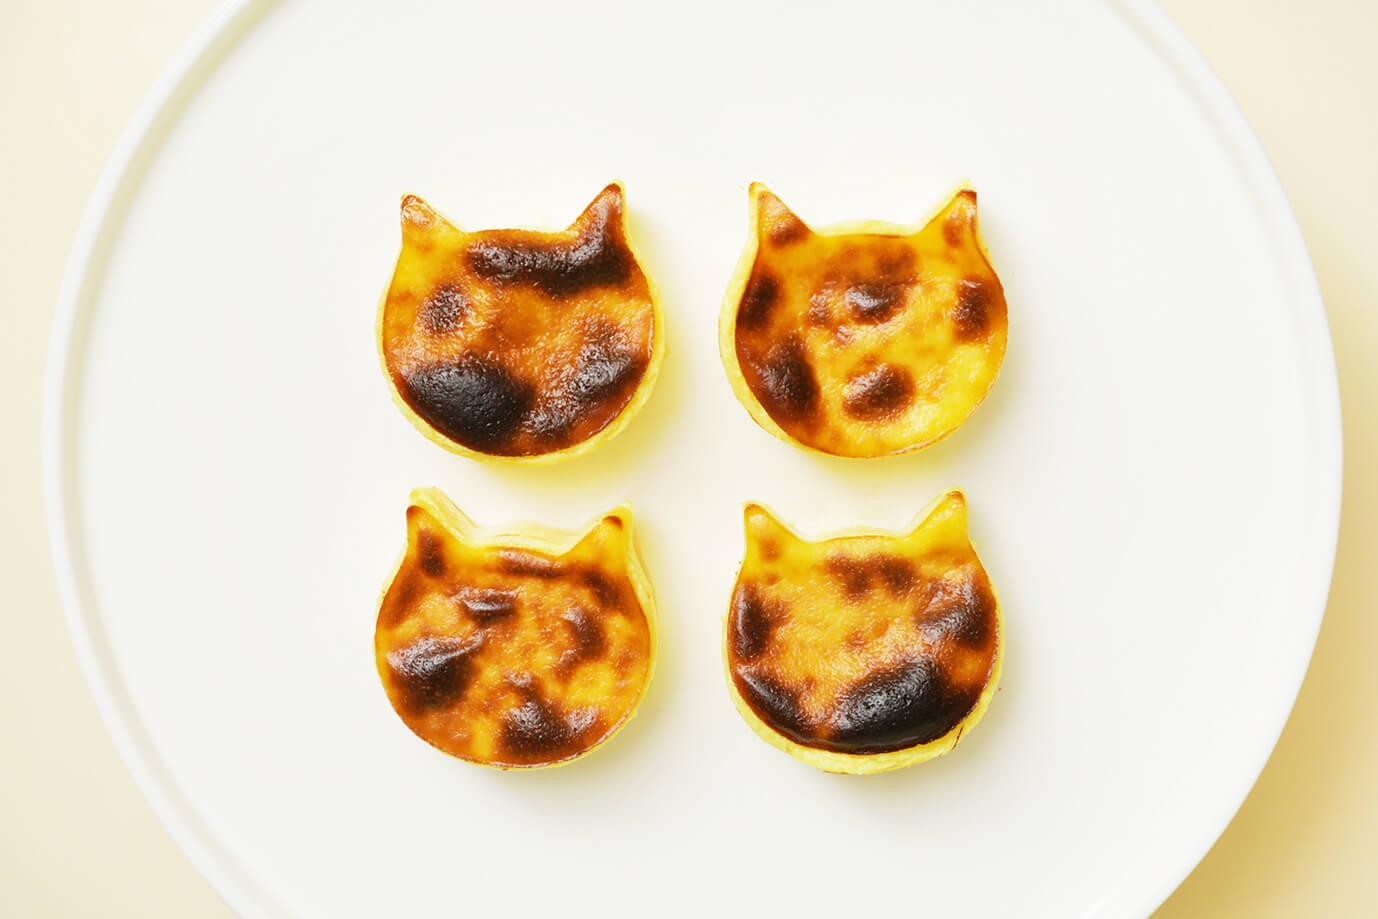 バスクチーズケーキのような焦げ目がついたネコ型チーズケーキ「にゃんチー」